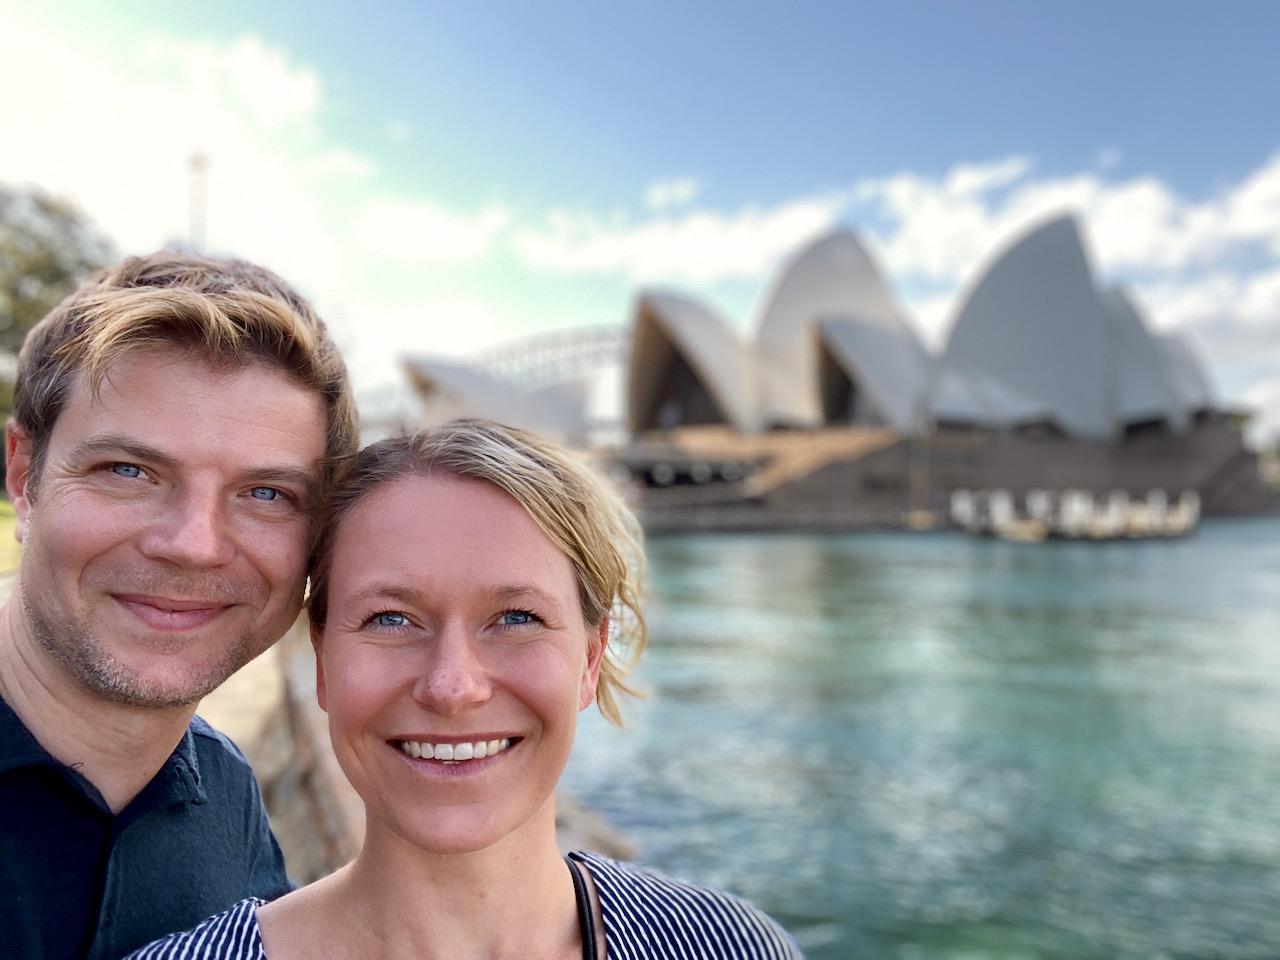 Opernsicht im Royal Botanic Garden, Sydney, NSW, Australien (08.11.2019)